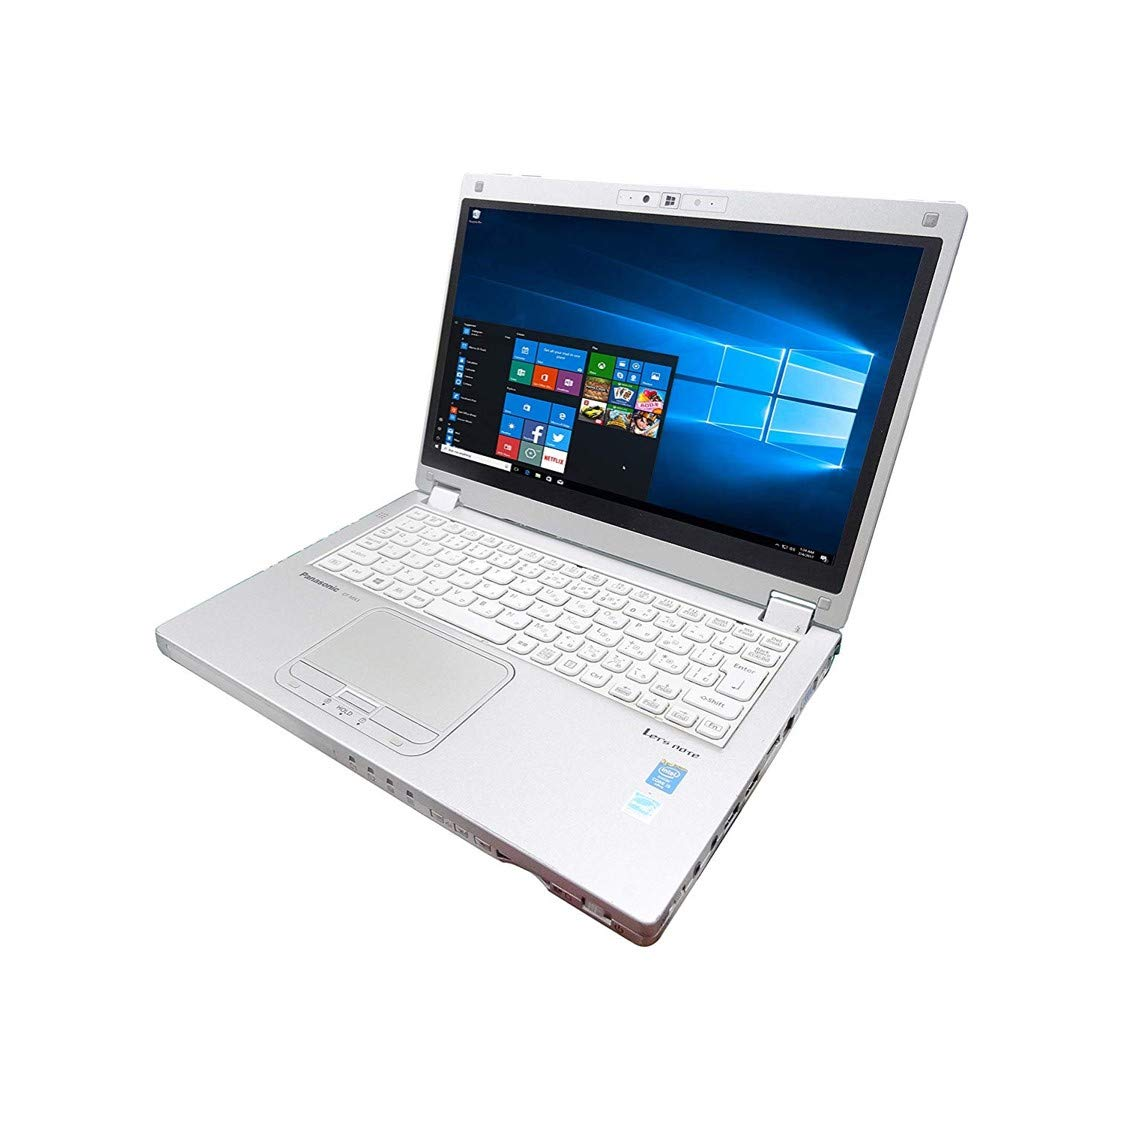 【超目玉】 【Microsoft Office SSD:256GB 2016搭載】【Win 2016搭載】 B07NC62Z9R【Win 10搭載】Panasonic CF-MX3/第四世代Core i5-4310U 2.0GHz/メモリ:8GB/新品SSD:480GB/12.5型Full HD液晶/タッチパネル/Webカメラ/HDMI/SDカードスロット/WIFI/Bluetooth/USB 3.0/スタイラスペン付属/外付けハードディスク:250GB/中古ノートパソコン(SSD:480GB) B07NC62Z9R SSD:256GB SSD:256GB, おしか商店:b5eae54e --- arbimovel.dominiotemporario.com